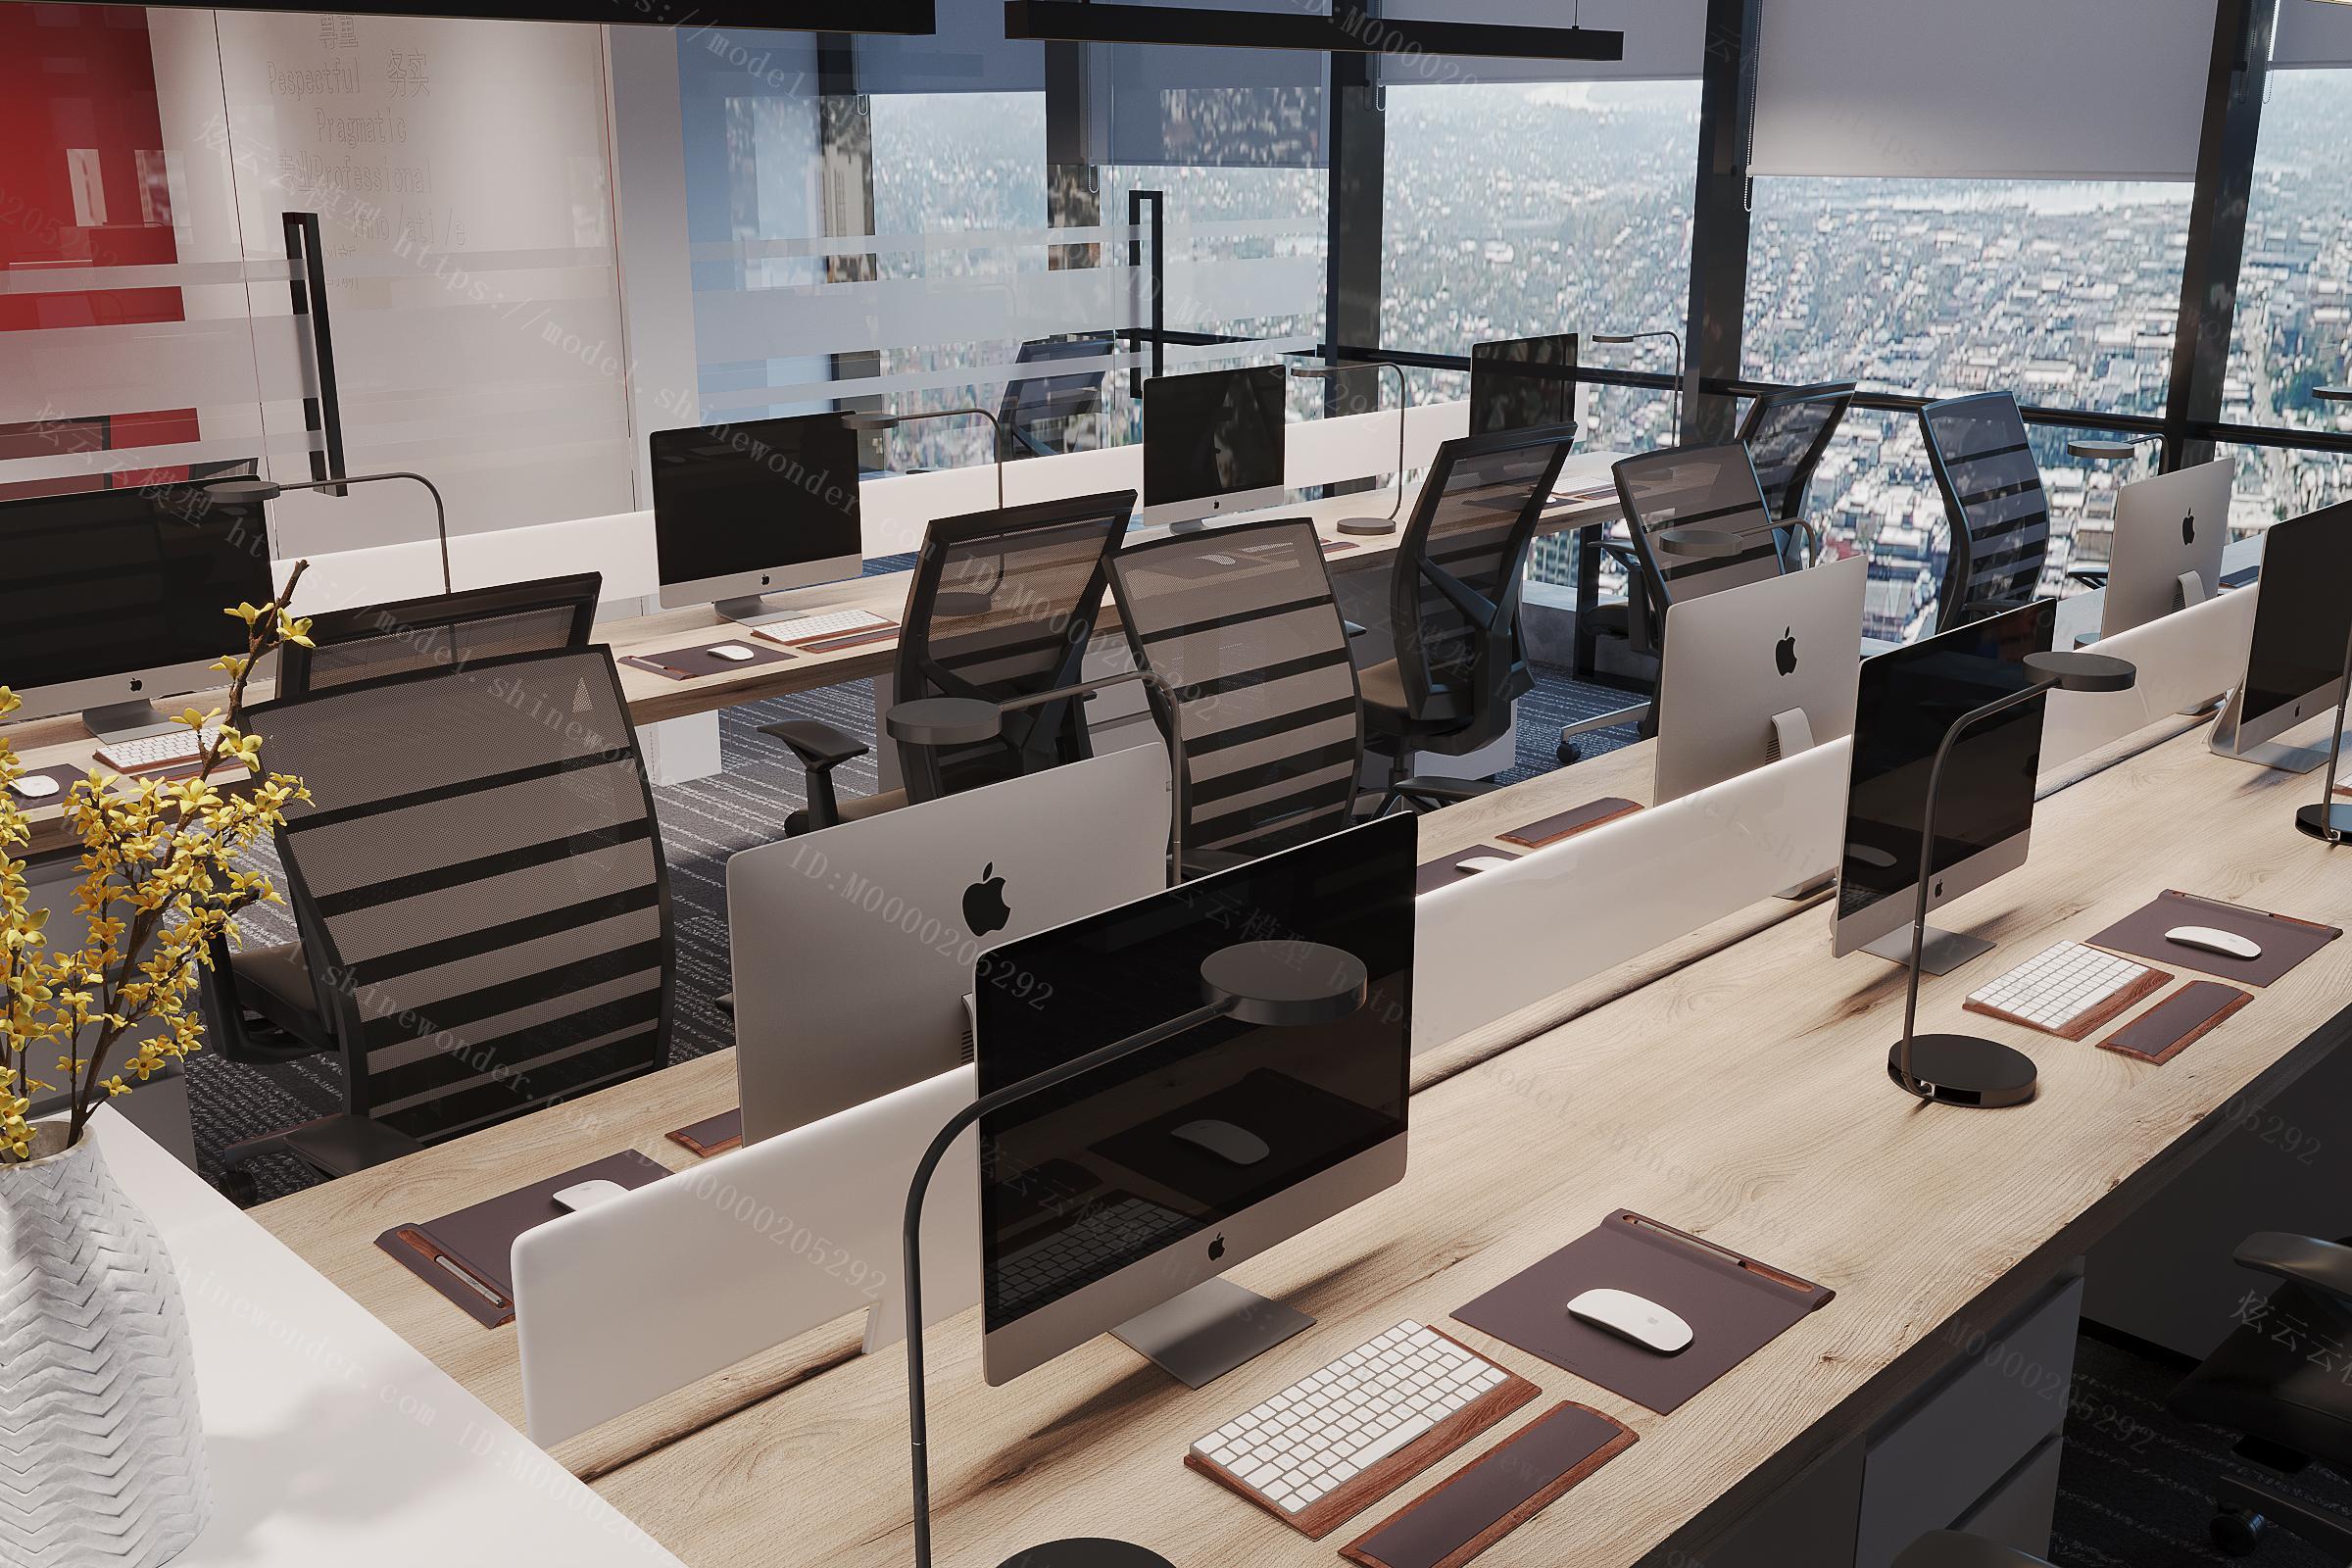 现代办公室大厅模型